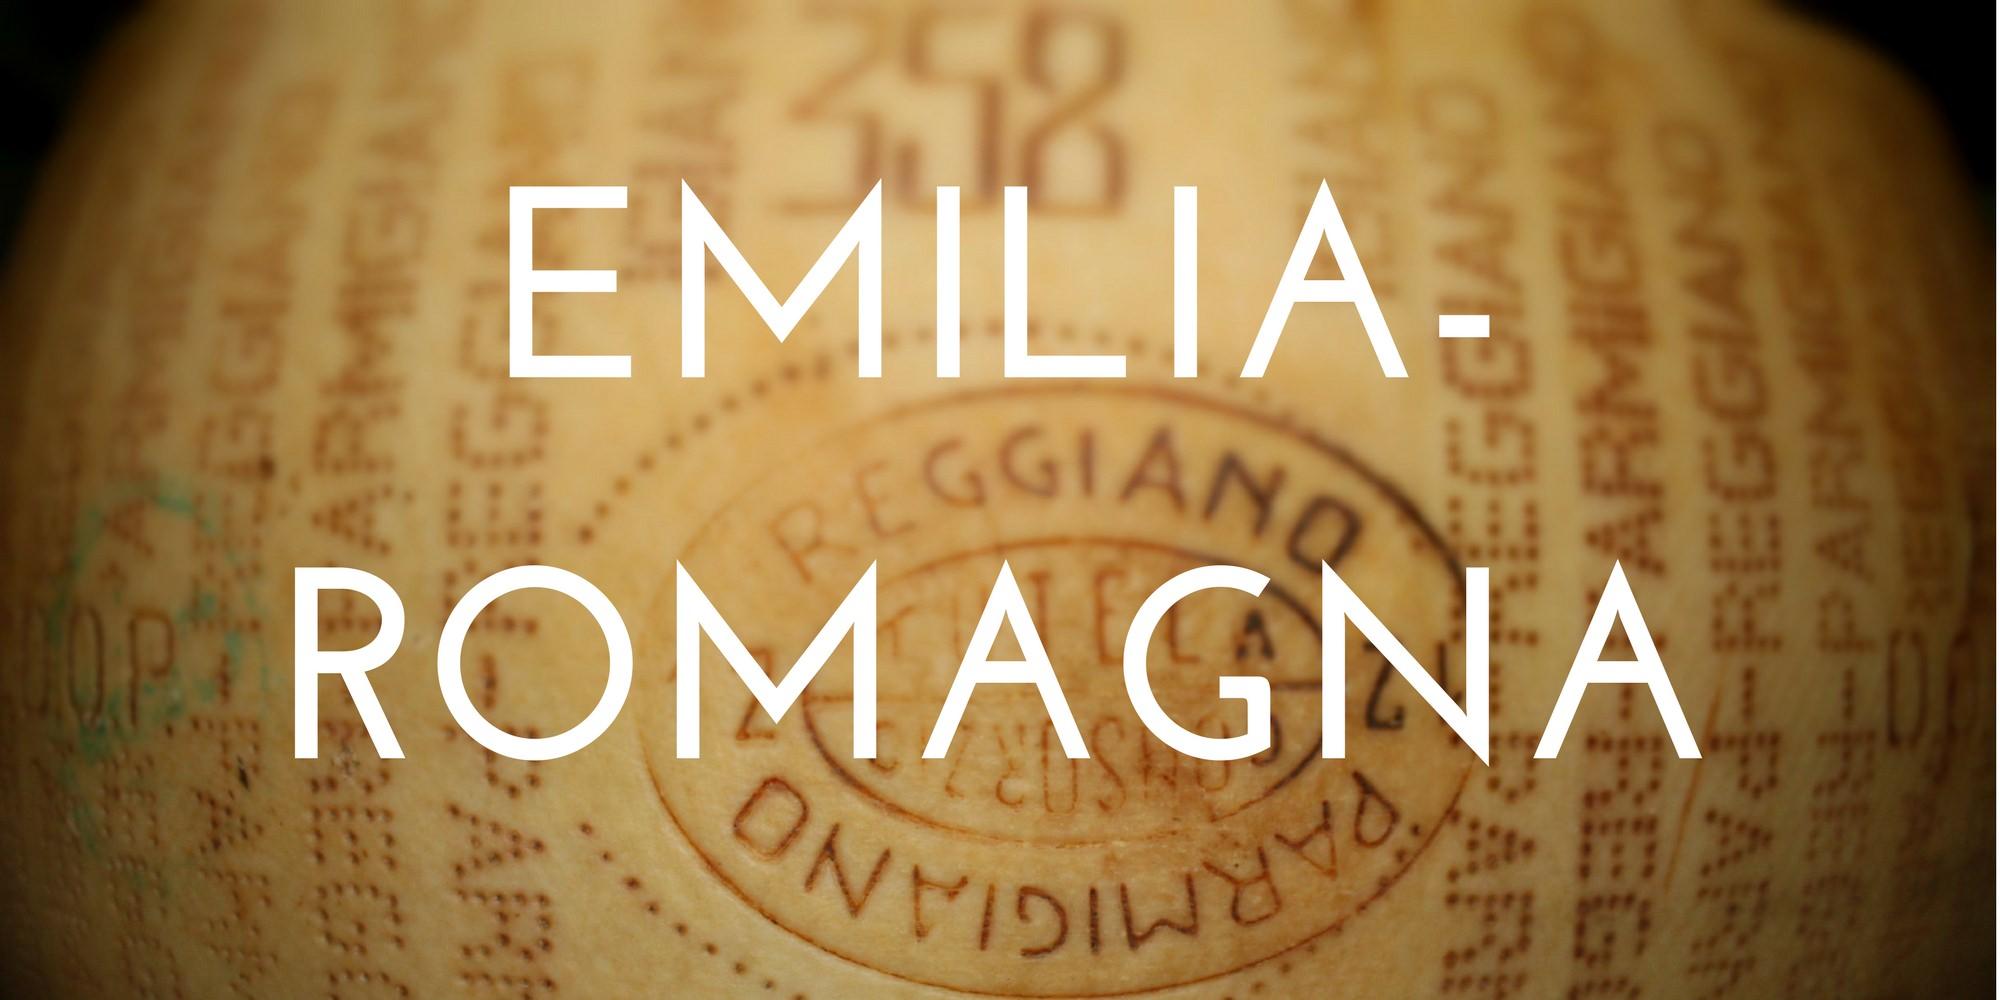 Emilia Romagna - Authentic Traveling - Header